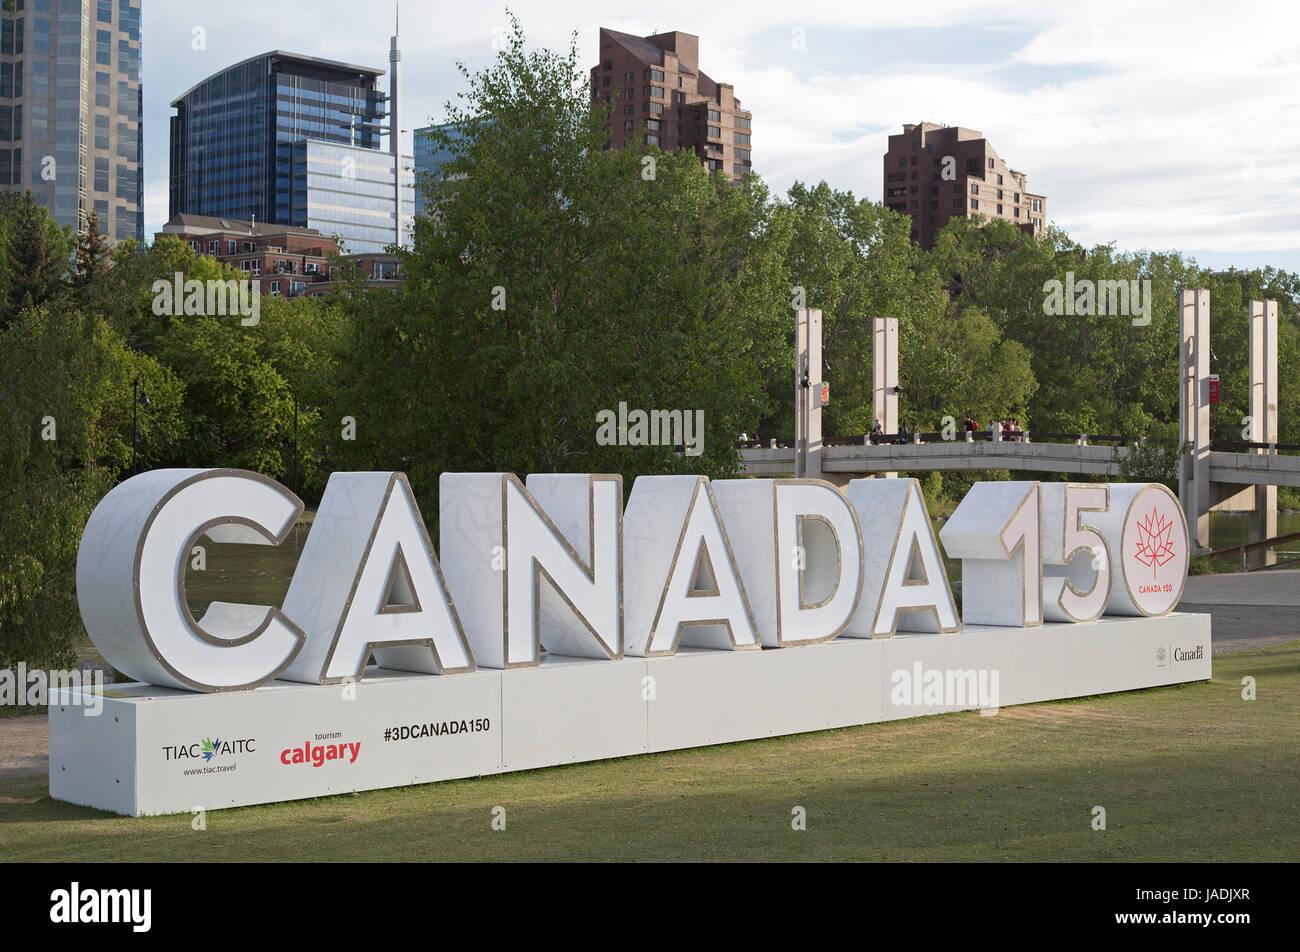 Canada 150 signe tridimensionnel célébrant le 150e anniversaire du pays depuis la Confédération, Photo Stock